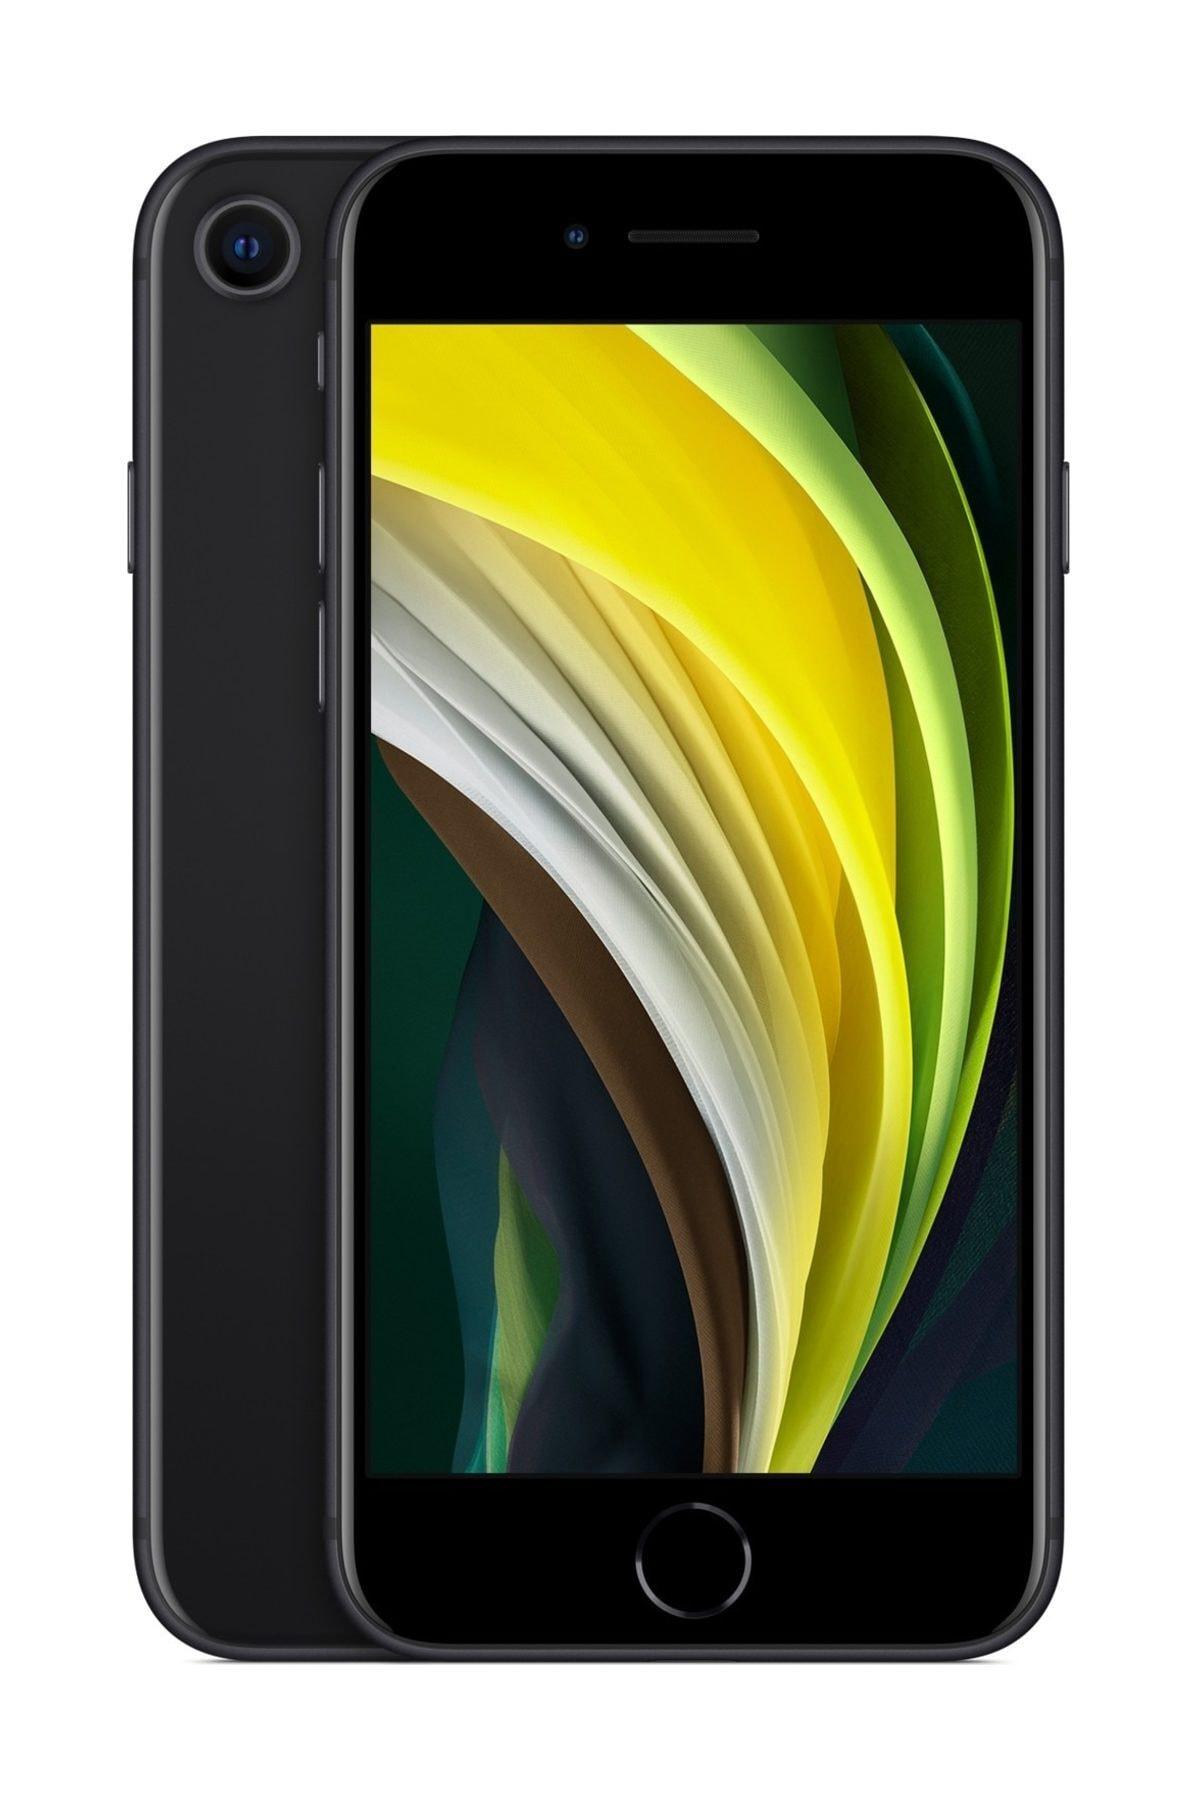 Apple iPhone SE (2020) 64 GB Siyah Cep Telefonu (Apple Türkiye Garantili) Aksesuarlı Kutu 1